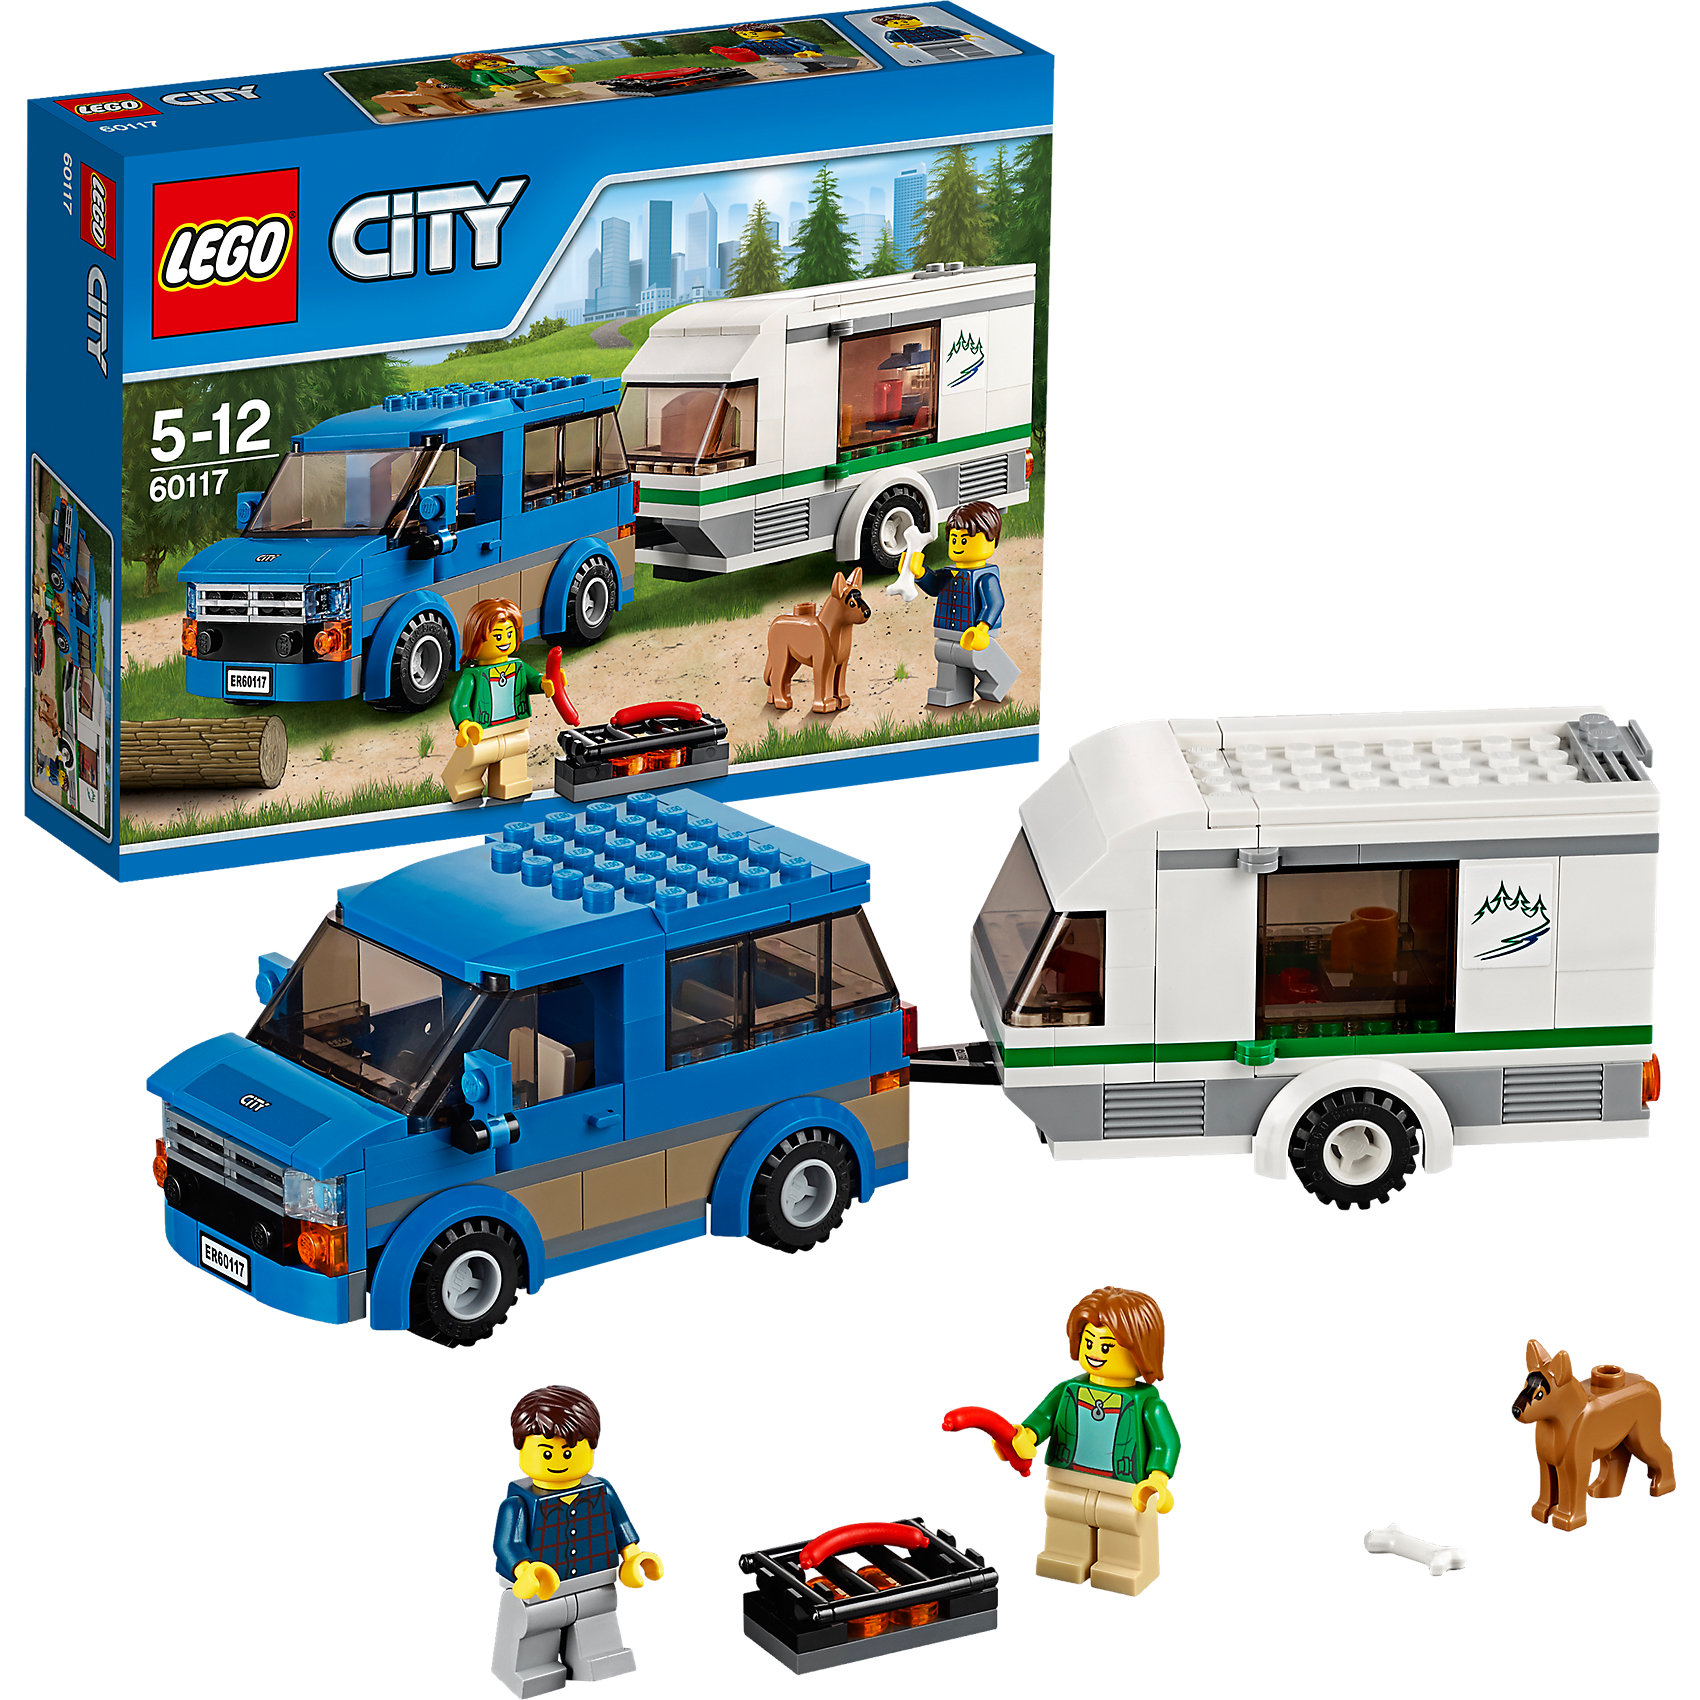 LEGO City 60117: Фургон и дом на колёсахПластмассовые конструкторы<br>LEGO City (ЛЕГО Сити) 60117: Фургон и дом на колёсах подарит Вашему ребенку новые веселые приключения и расширит игровые возможности. Отправляйся в увлекательное путешествие на собственном фургоне. Заполни домик на колесах всем необходимым и не забудь захватить с собой любимую собачку. Корпус фургона состоит из синих деталей. Спереди размещается кабина водителя с тонированным ветровым стеклом, сиденьем, рулем и открывающимися дверями. Сняв крышу можно рассмотреть просторный салон, где достаточно места для пассажиров. Колеса с рифлеными шинами обеспечивают машине хорошую маневренность. Заглянуть внутрь домика можно раздвинув боковые стенки, здесь располагаются уютное спальное место, столик и кухонный уголок с кофеваркой. В комплект также входят разнообразные игровые аксессуары, фигурка собачки и две минифигурки туристов. <br><br>Серия конструкторов  LEGO City позволяет почувствовать себя инженером и архитектором, строителем или мэром города. Вы можете создавать свой город мечты, развивать городскую инфраструктуру, строить дороги и здания, управлять городским хозяйством и следить за порядком.<br>В игровых наборах с разнообразными сюжетами много интересных персонажей, оригинальных объектов и городской техники. Это уникальная возможность для ребенка развивать фантазию и логическое мышление, узнавать и осваивать разные профессии.<br><br>Дополнительная информация:<br><br>- Игра с конструктором LEGO (ЛЕГО) развивает мелкую моторику ребенка, фантазию и воображение, учит его усидчивости и внимательности.<br>- Количество деталей: 250.<br>- Количество минифигур: 2.<br>- Серия: LEGO City (ЛЕГО Сити).<br>- Материал: пластик.<br>- Размер собранного фургона: 6 х 12 х 6 см.<br>- Размер прицепа: 6 х 13 х 5 см.<br>- Размер упаковки: 26 х 6 х 19 см.<br>- Вес: 0,415 кг.<br><br>LEGO City (ЛЕГО Сити) 60117: Фургон и дом на колёсах можно купить в нашем интернет-магазине.<br><br>Ширина мм: 265<br>Глубина мм: 190<br>Высот